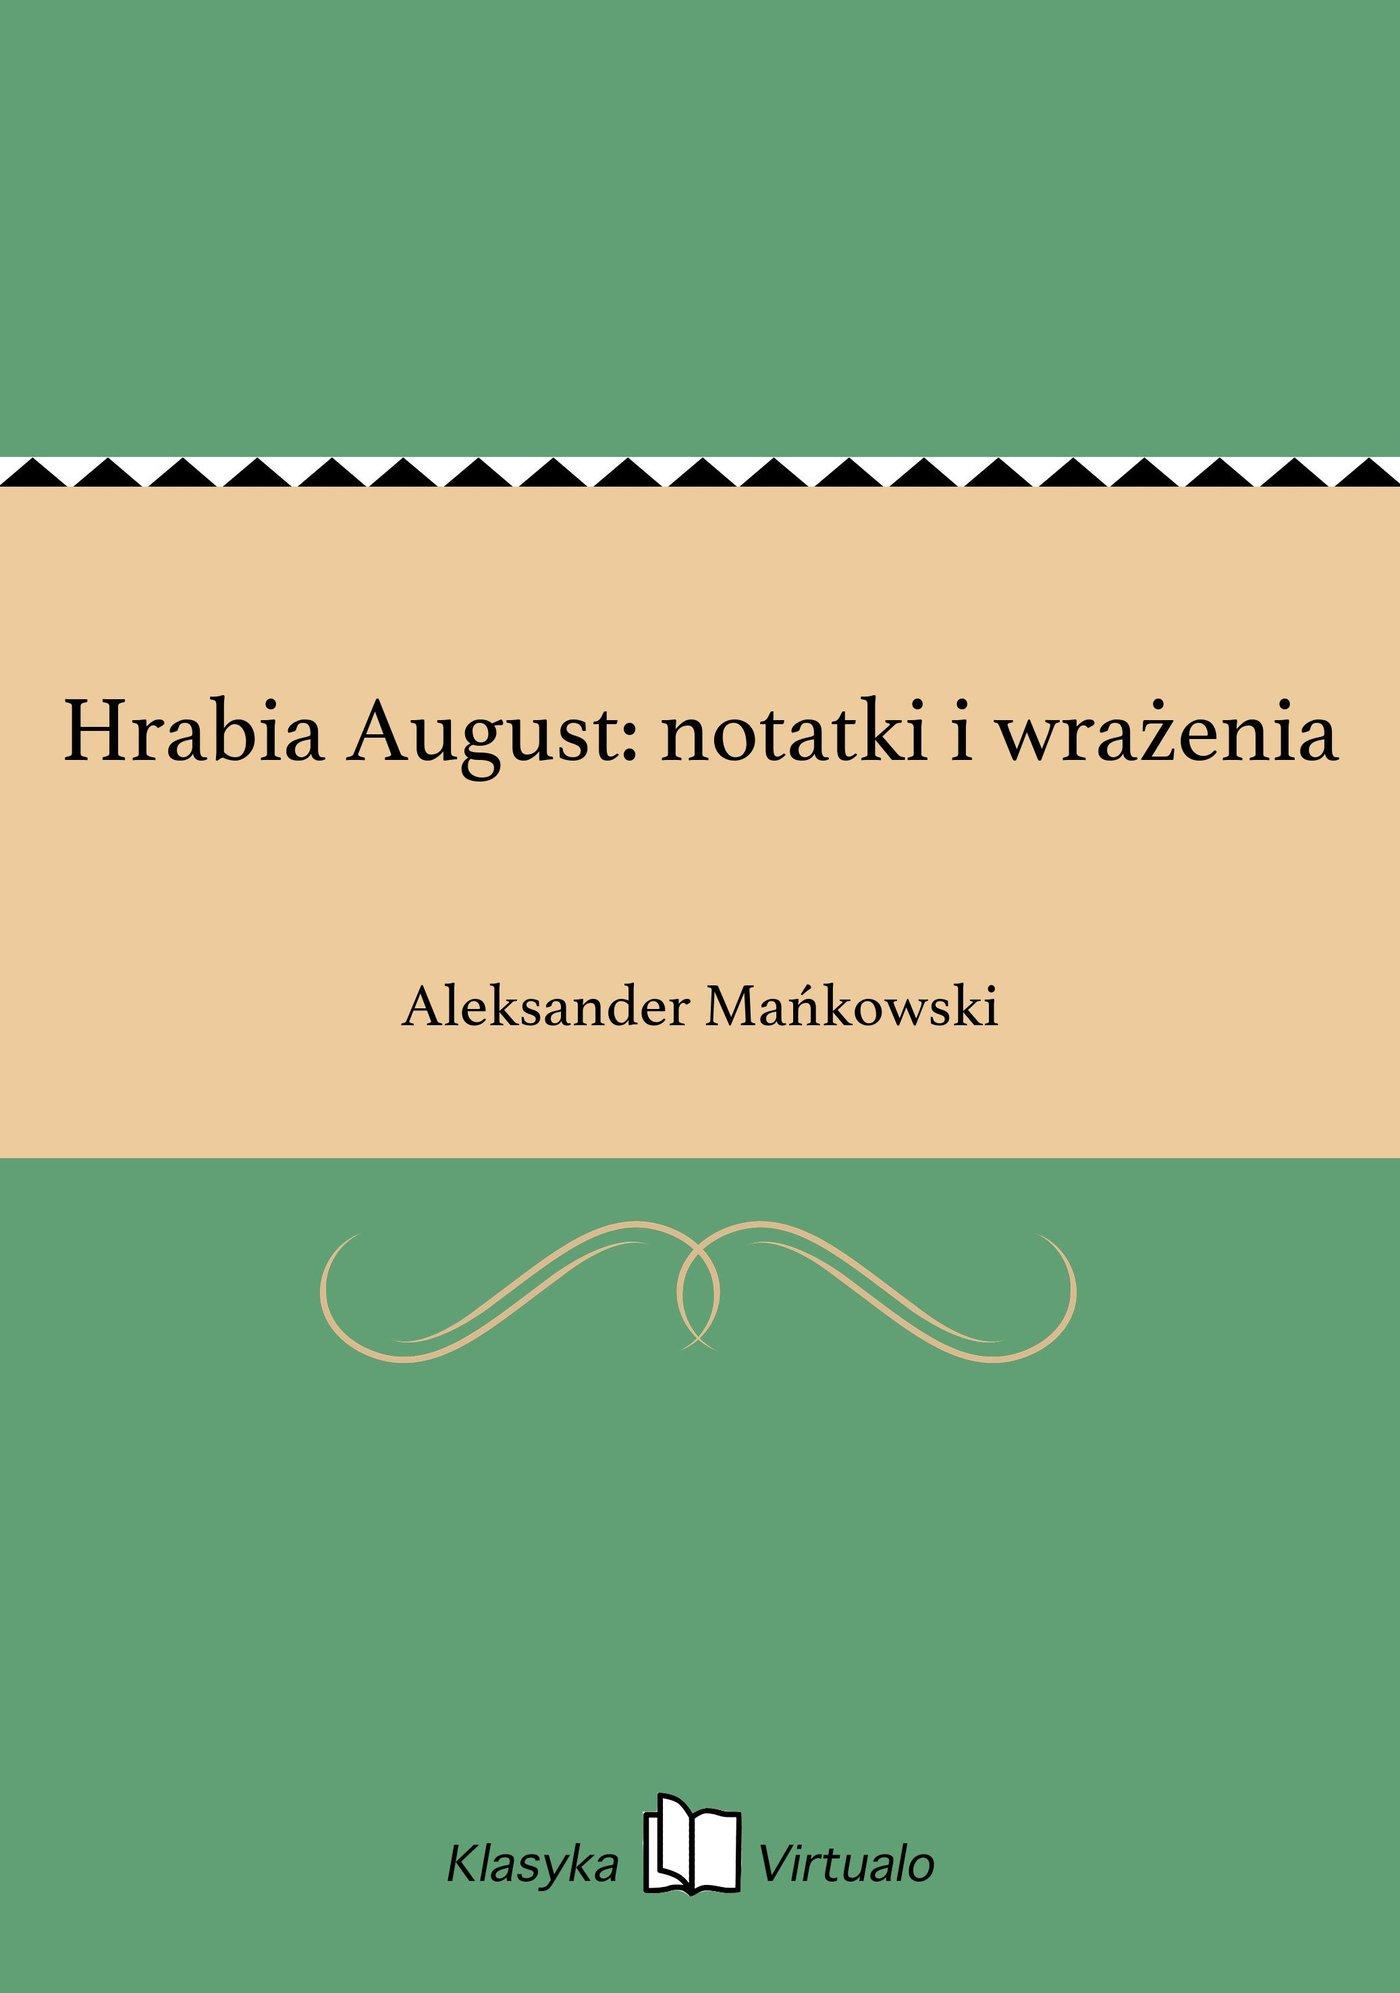 Hrabia August: notatki i wrażenia - Ebook (Książka EPUB) do pobrania w formacie EPUB